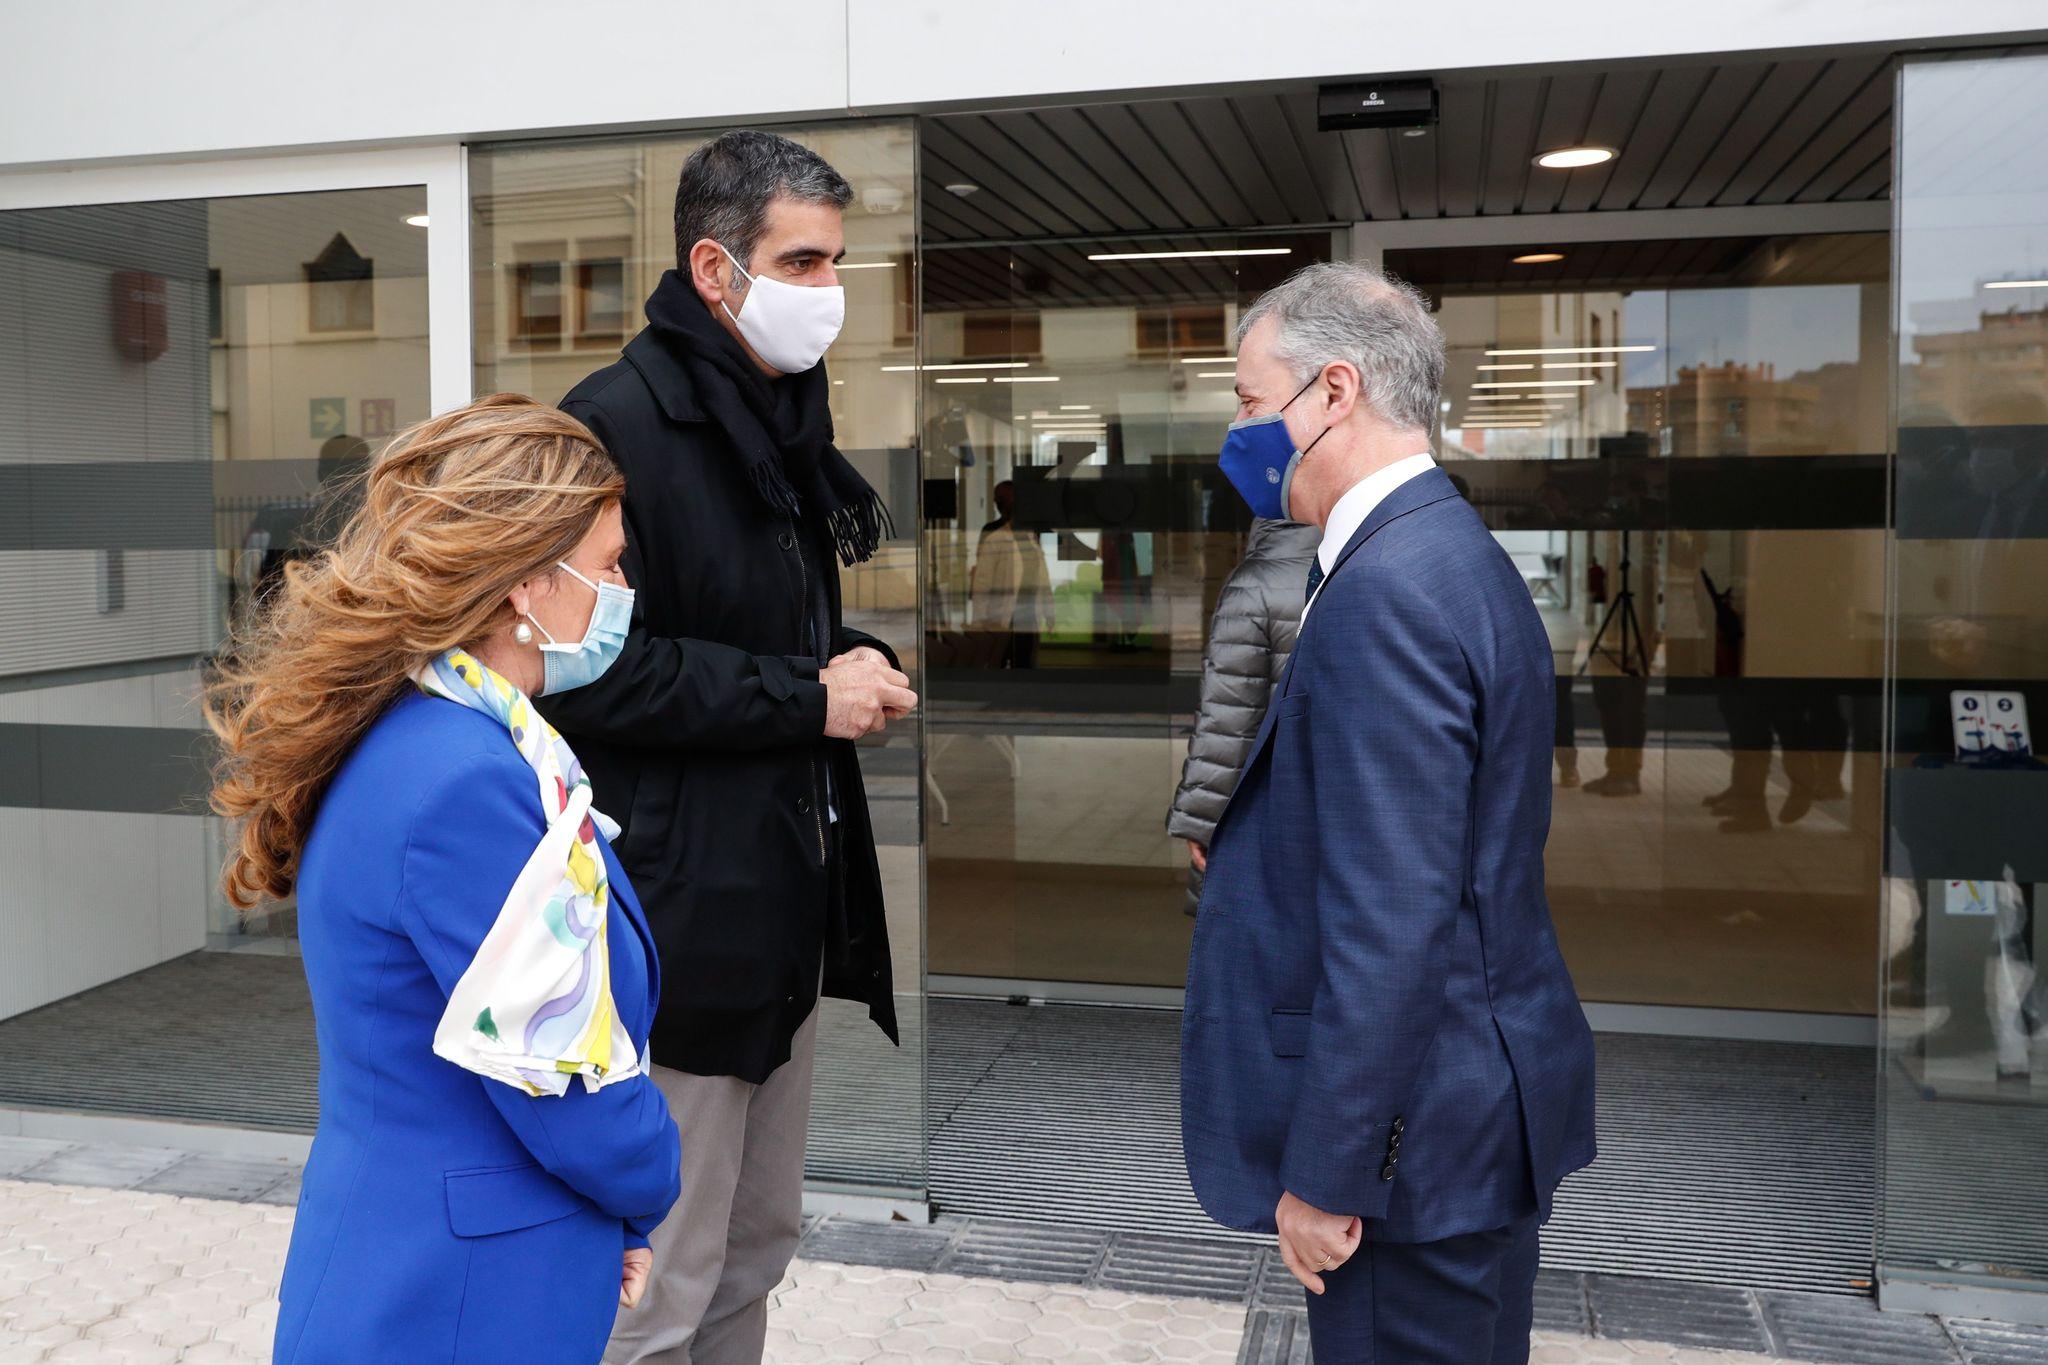 El lehendakari conversa con la consejera Sagardui y el alcalde de San Sebastián Eneko Goia.